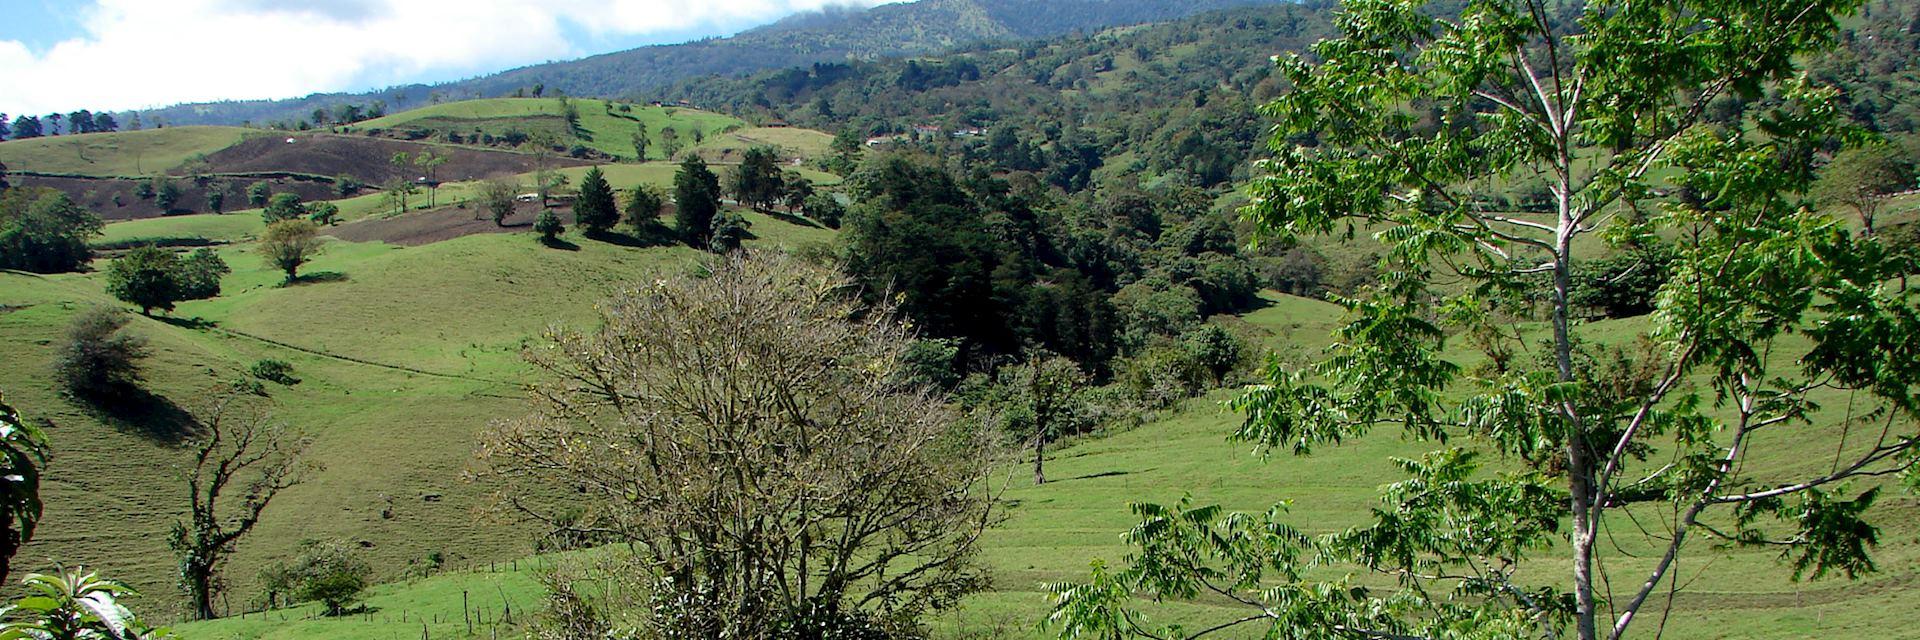 Turrialba Valley